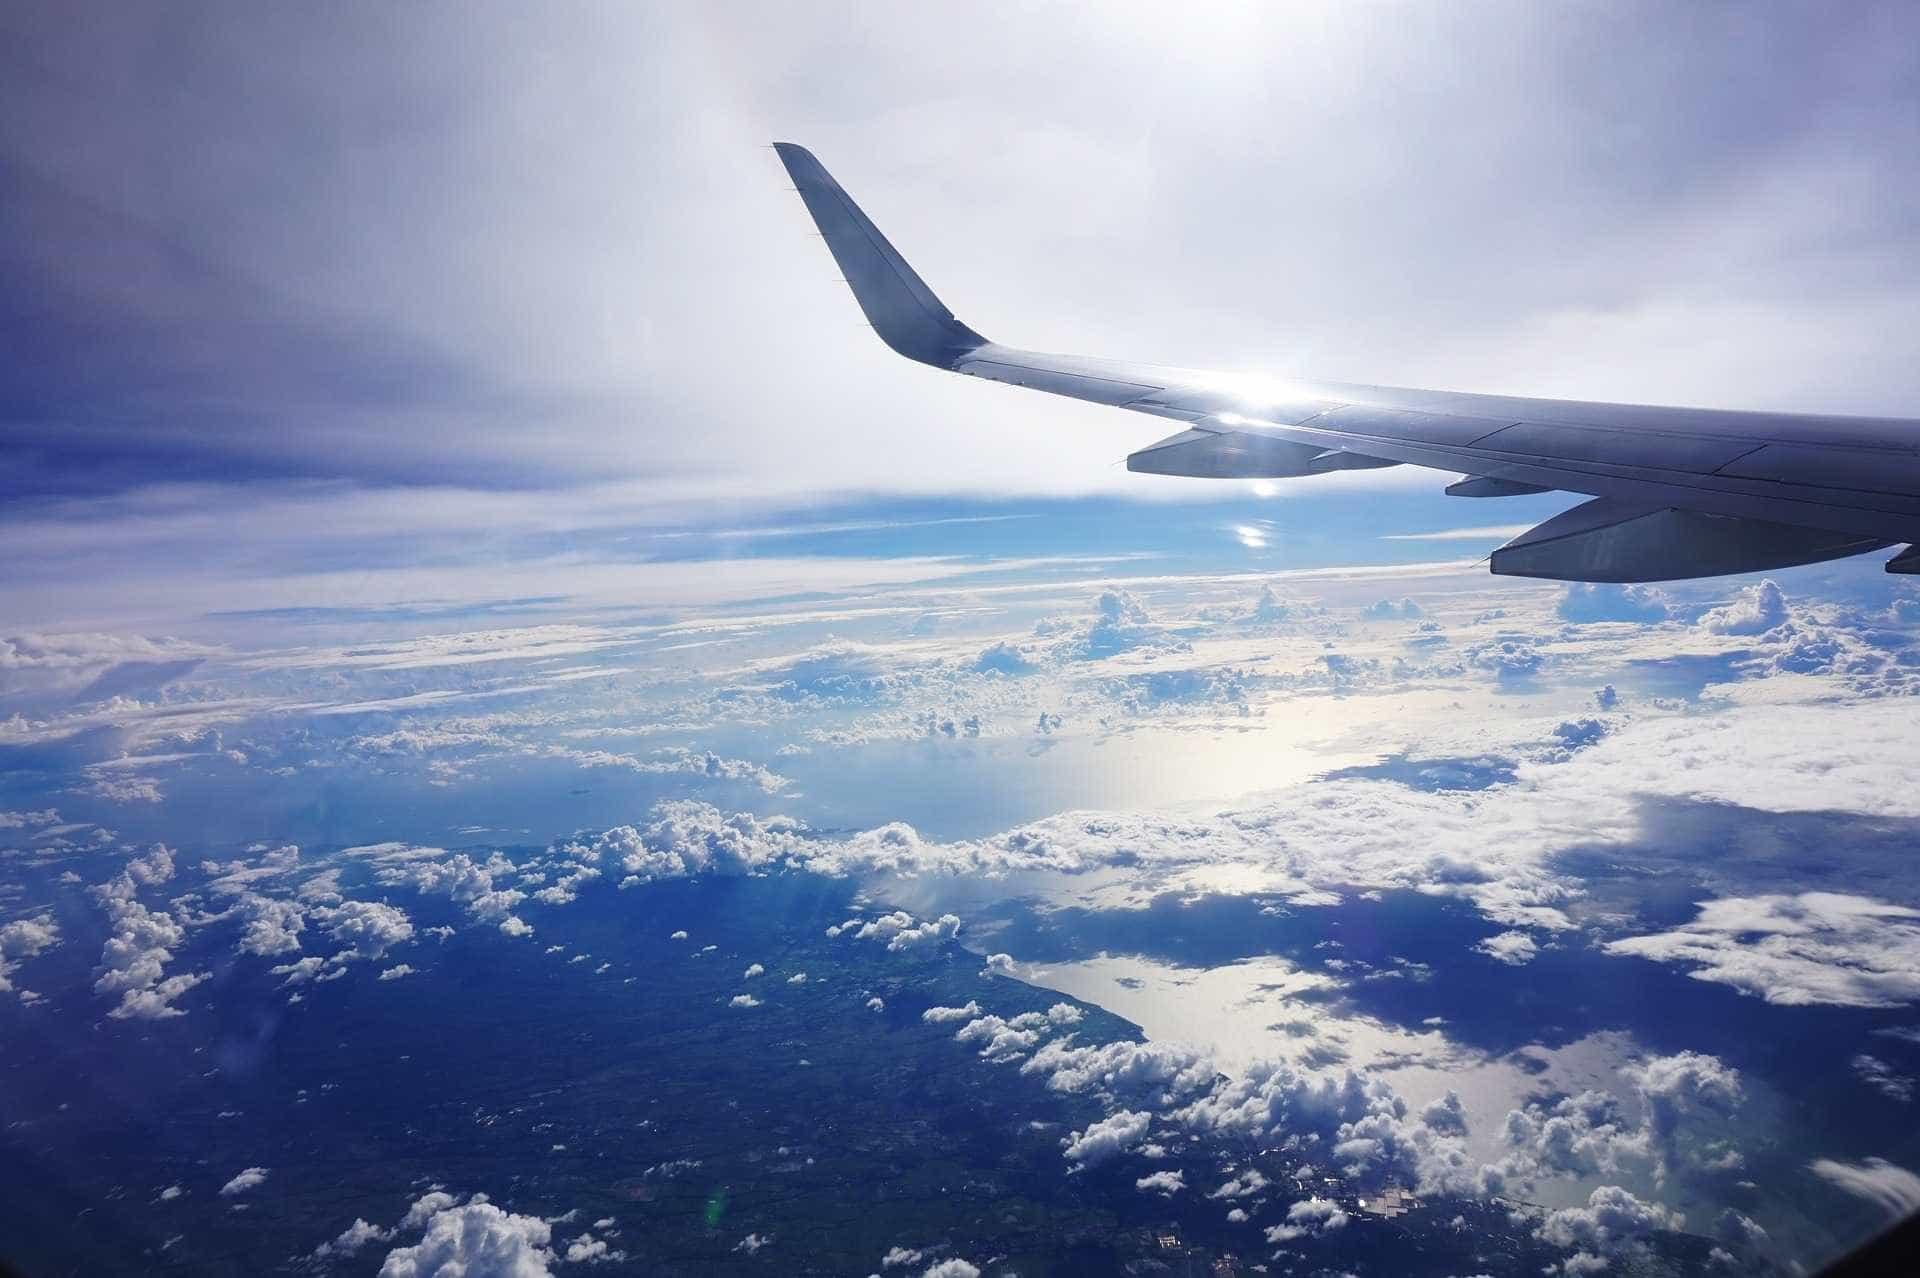 Brasil tem fim de semana turbulento com três quedas de avião